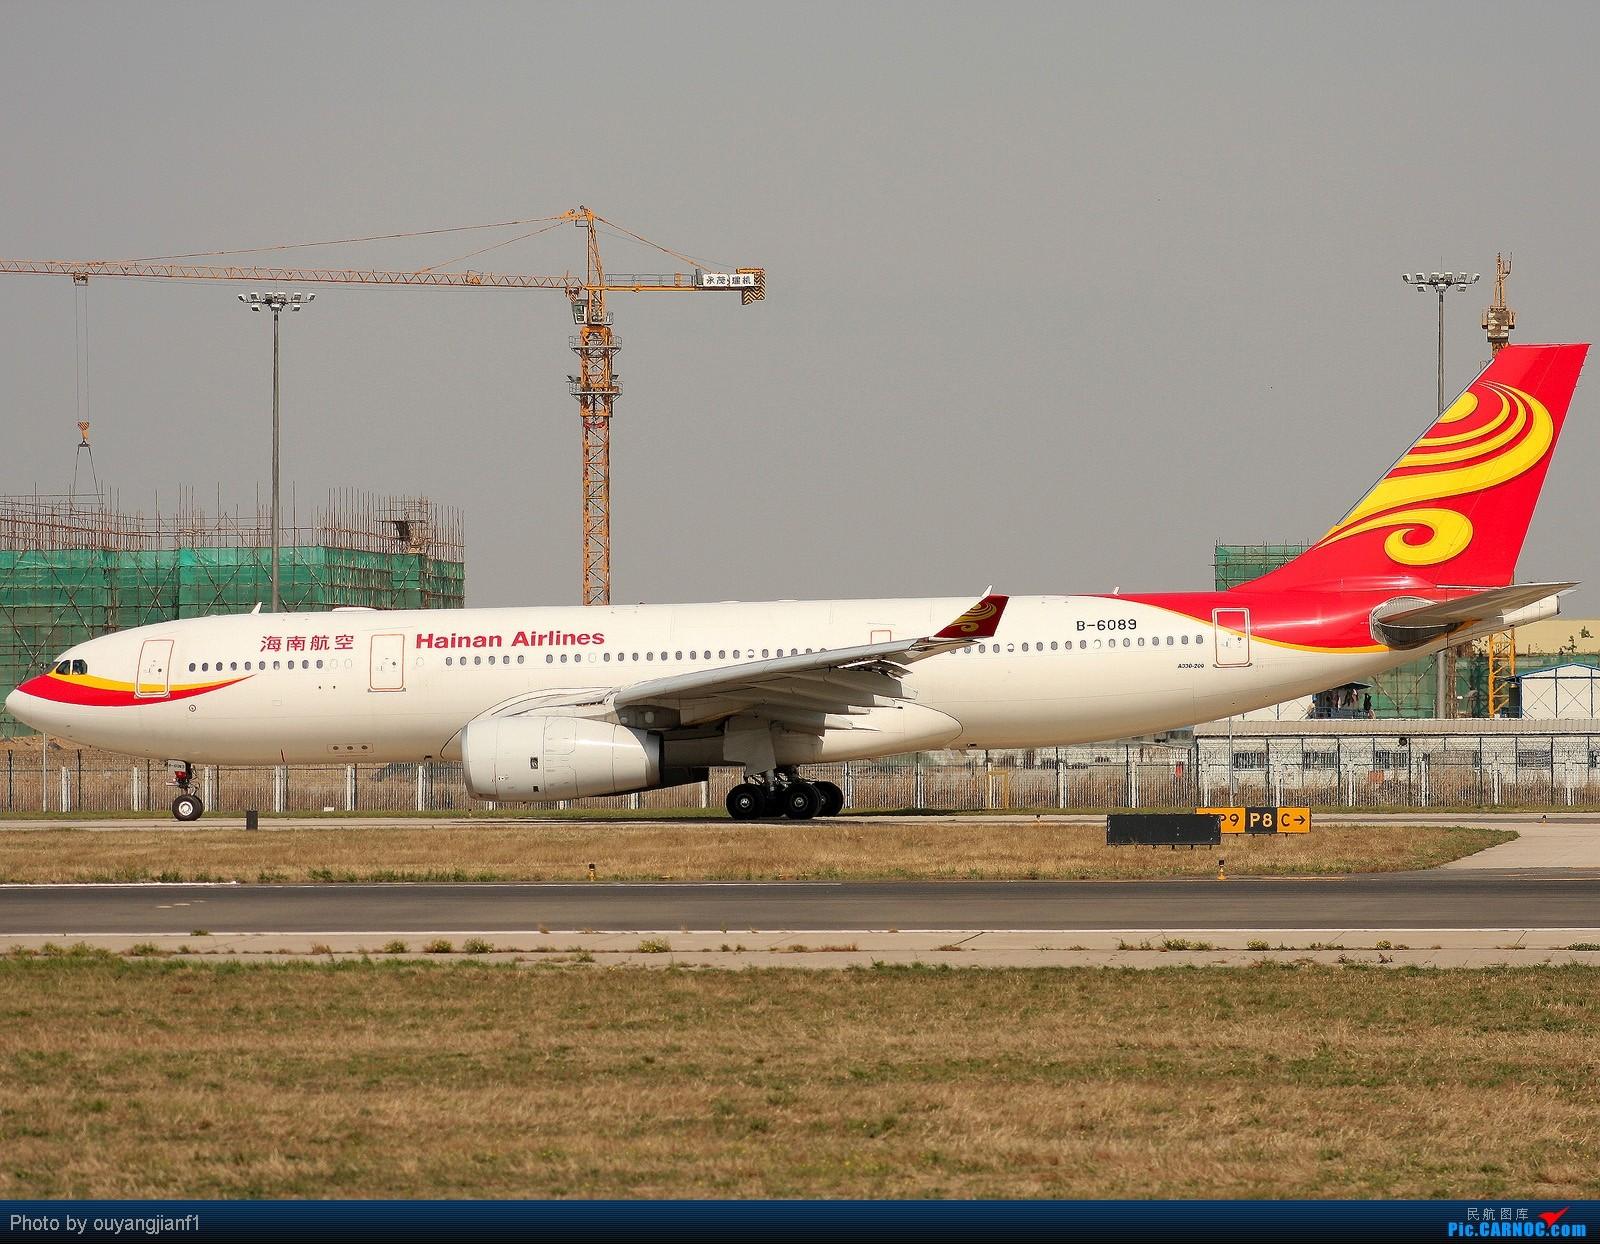 Re:[原创]快有一年没去西跑道了,拍机的感觉已逐渐淡忘,但是只要心中有梦,手中有单反,一切皆有可能! AIRBUS A330-200 B-6089 北京